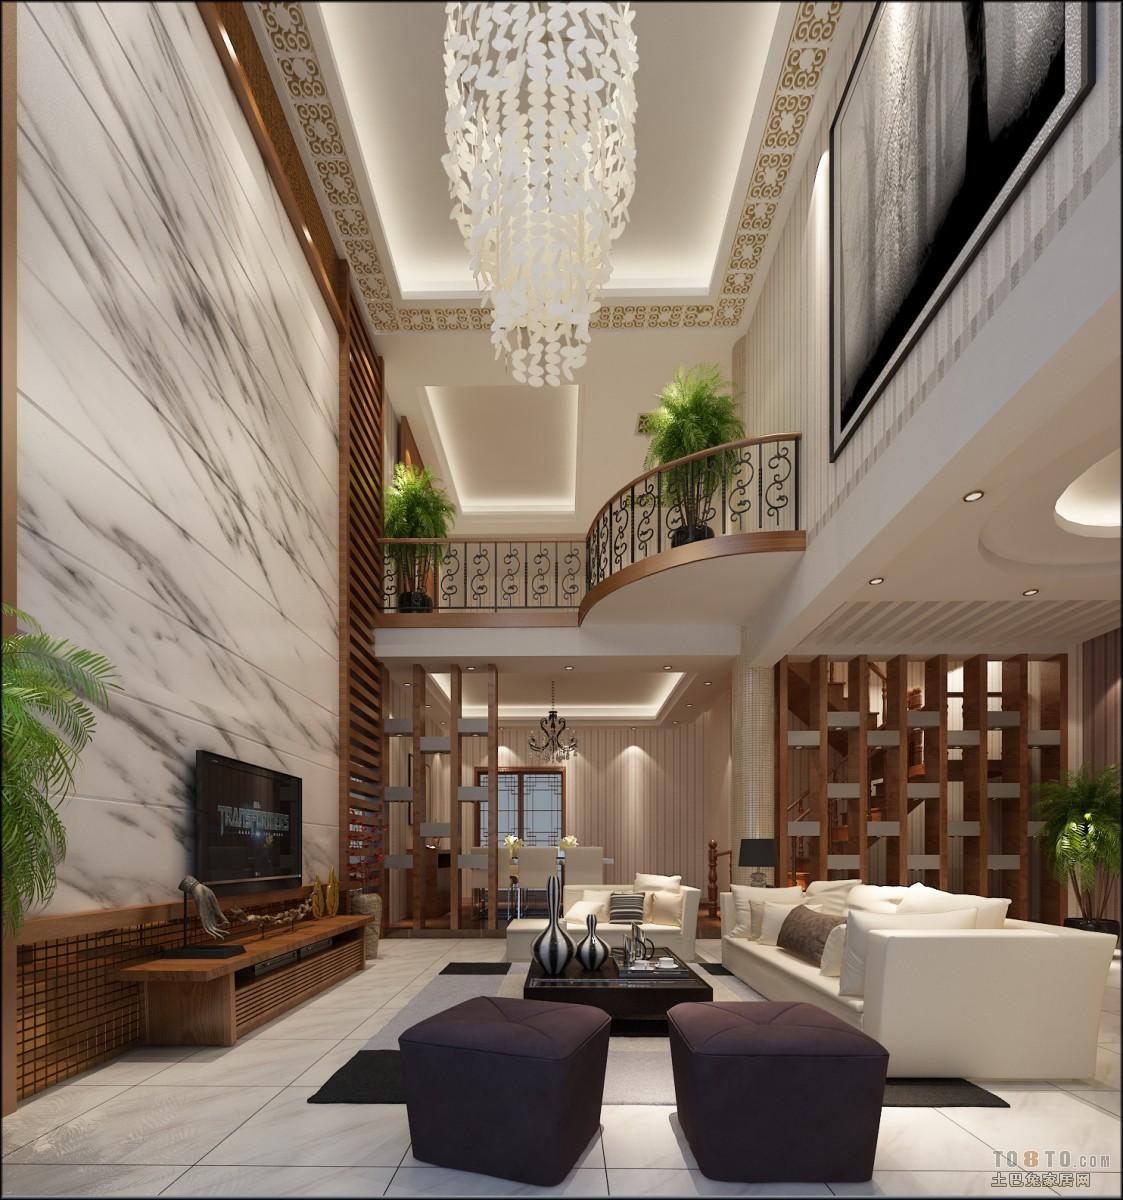 中式别墅客厅吊顶灯装修效果图大全2013图片装修效果